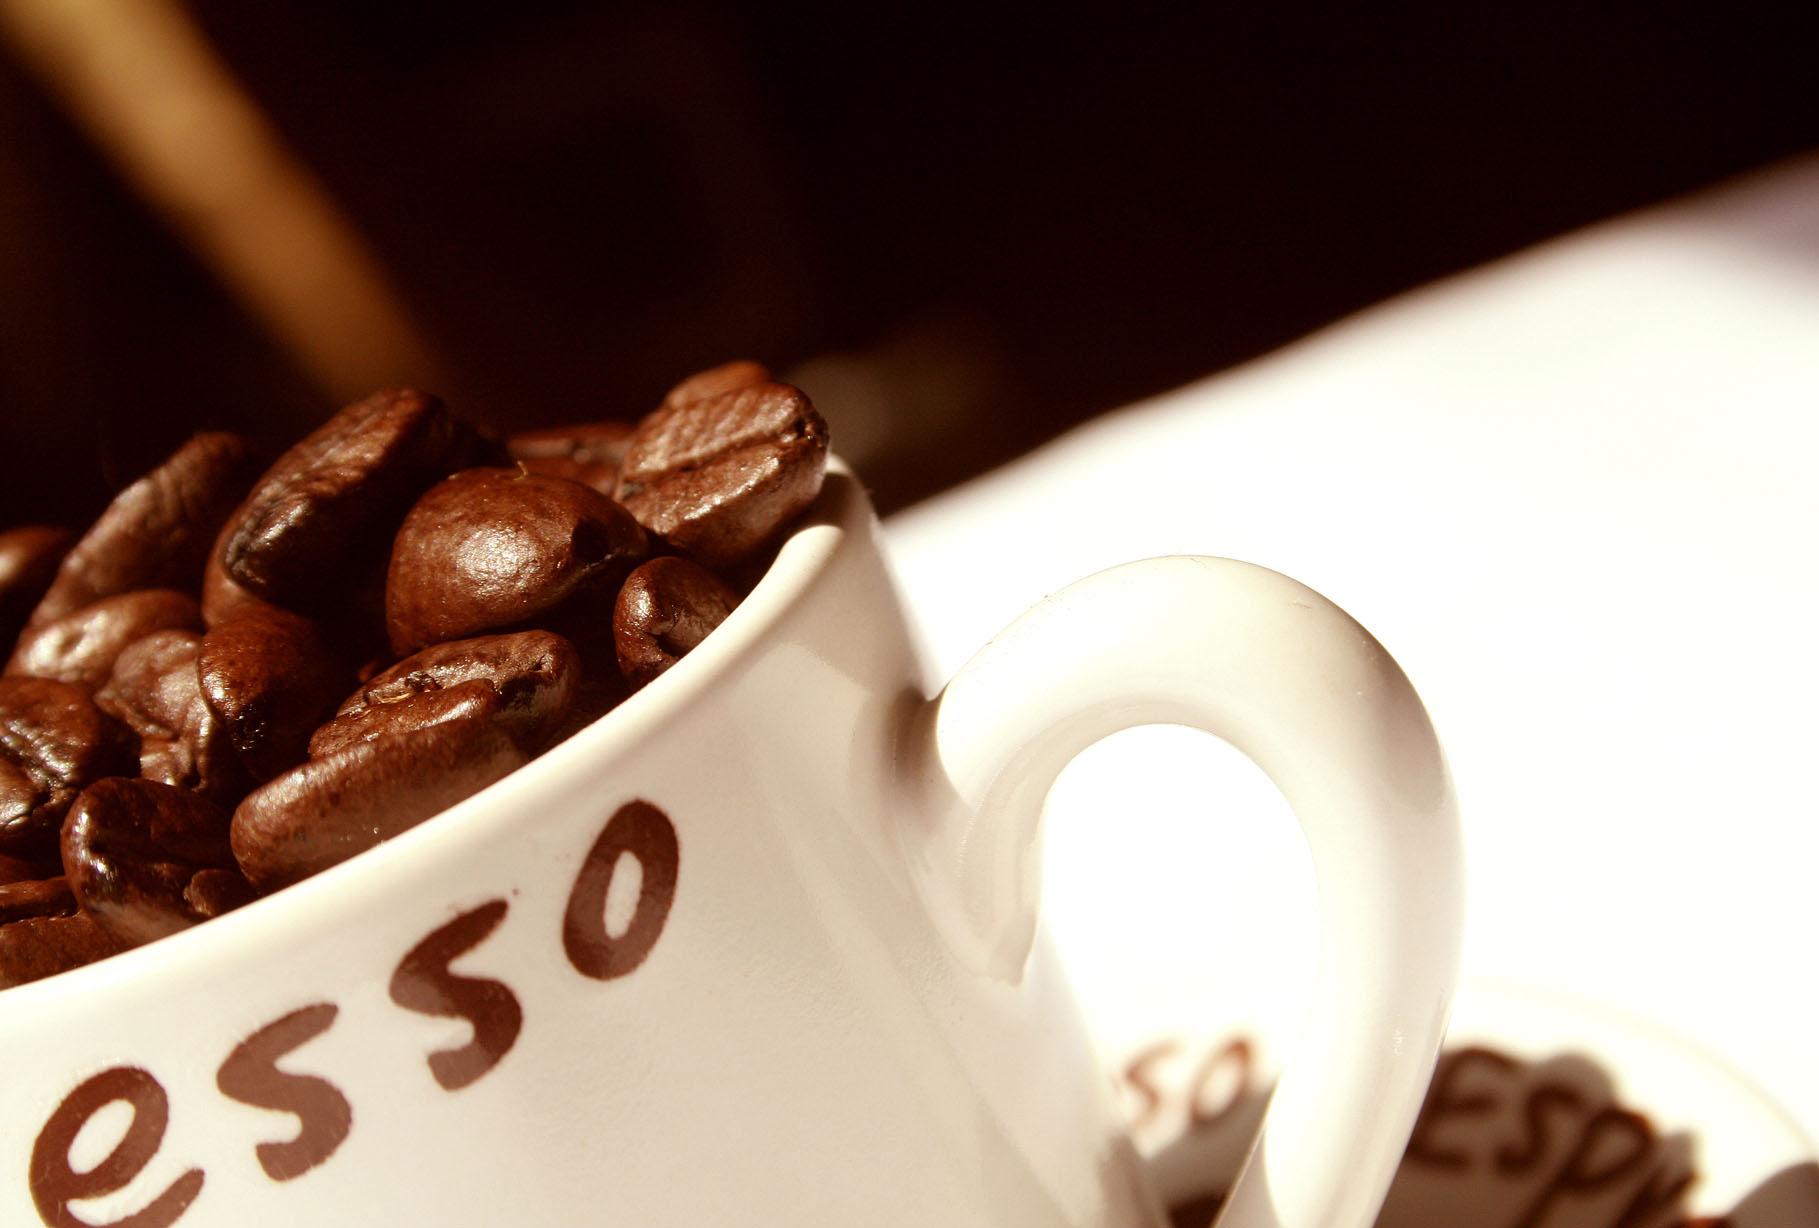 кофе экспрессо, кофейные зерна, скачать фото, обои для рабочего стола